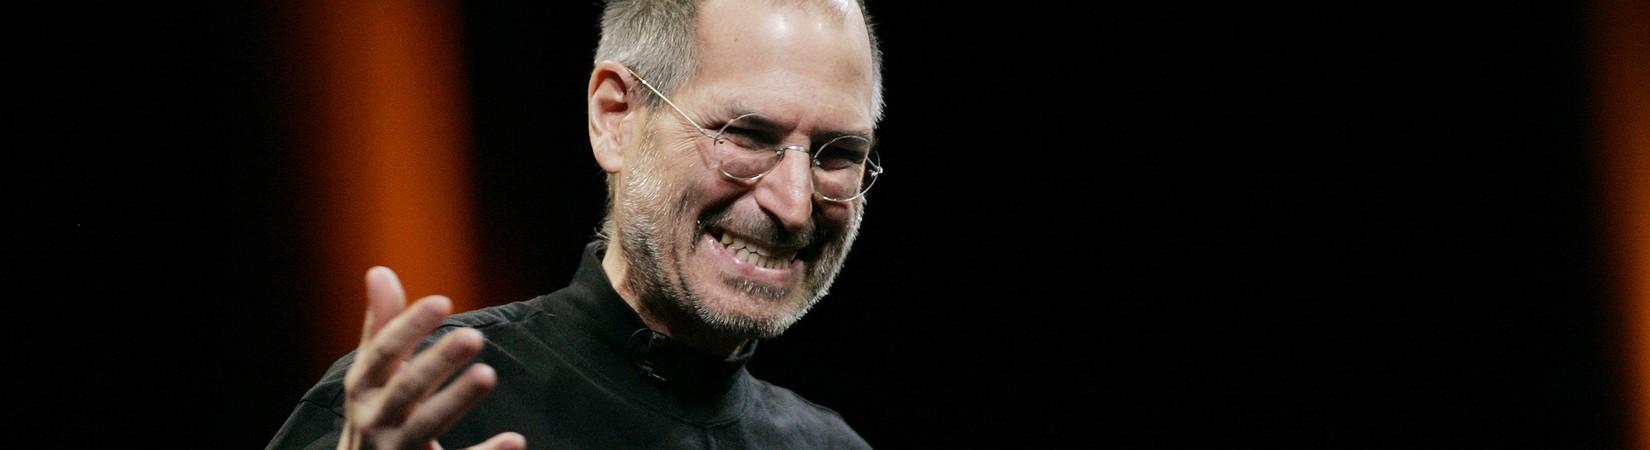 Steve Jobs e l'arte di rispondere agli insulti